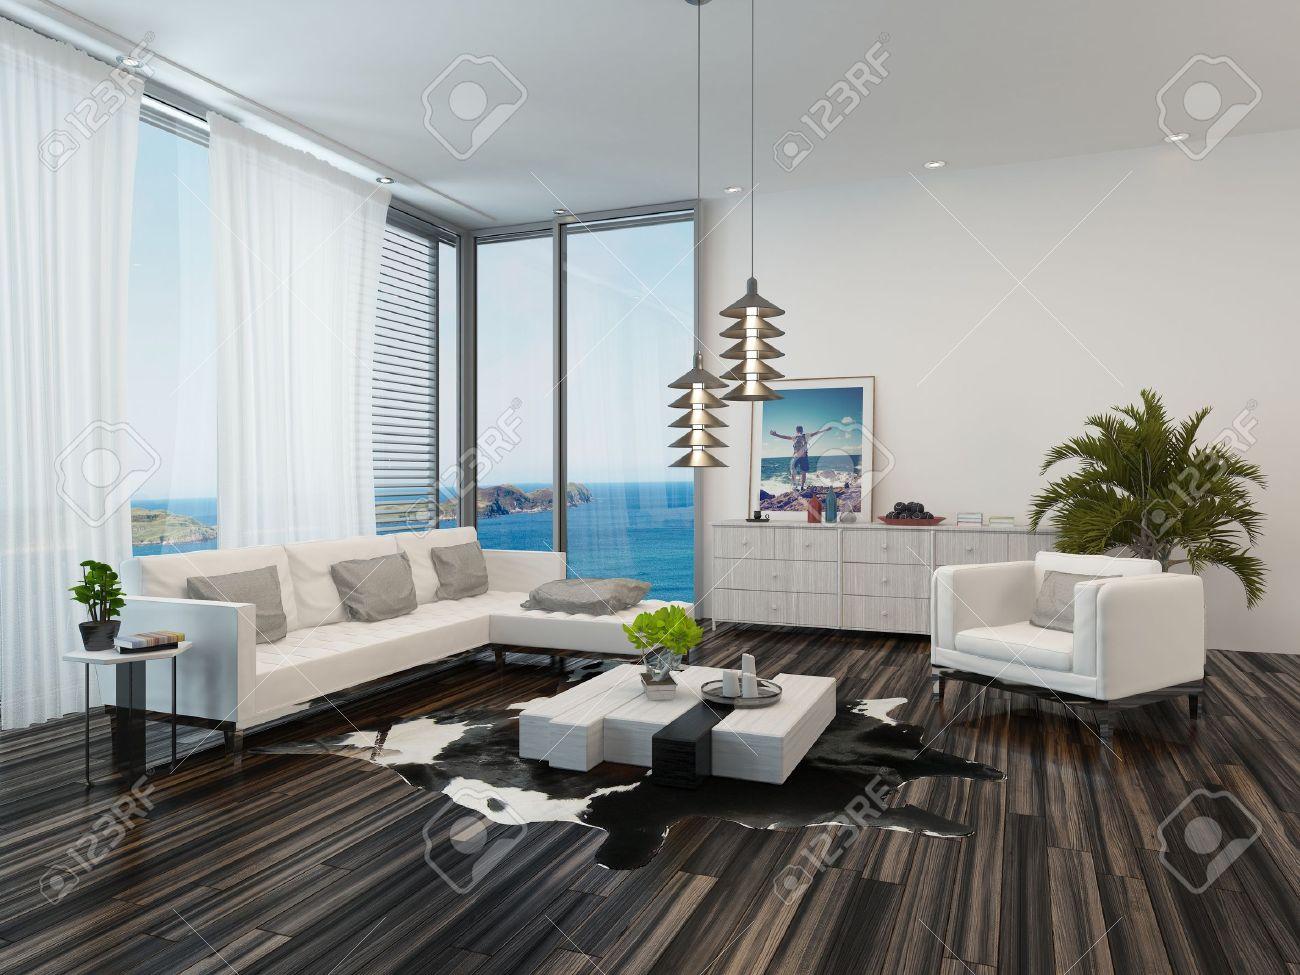 Fenster innenraum  Moderne Wohnzimmer Innenraum Mit Blick Auf Den Ozean Mit ...